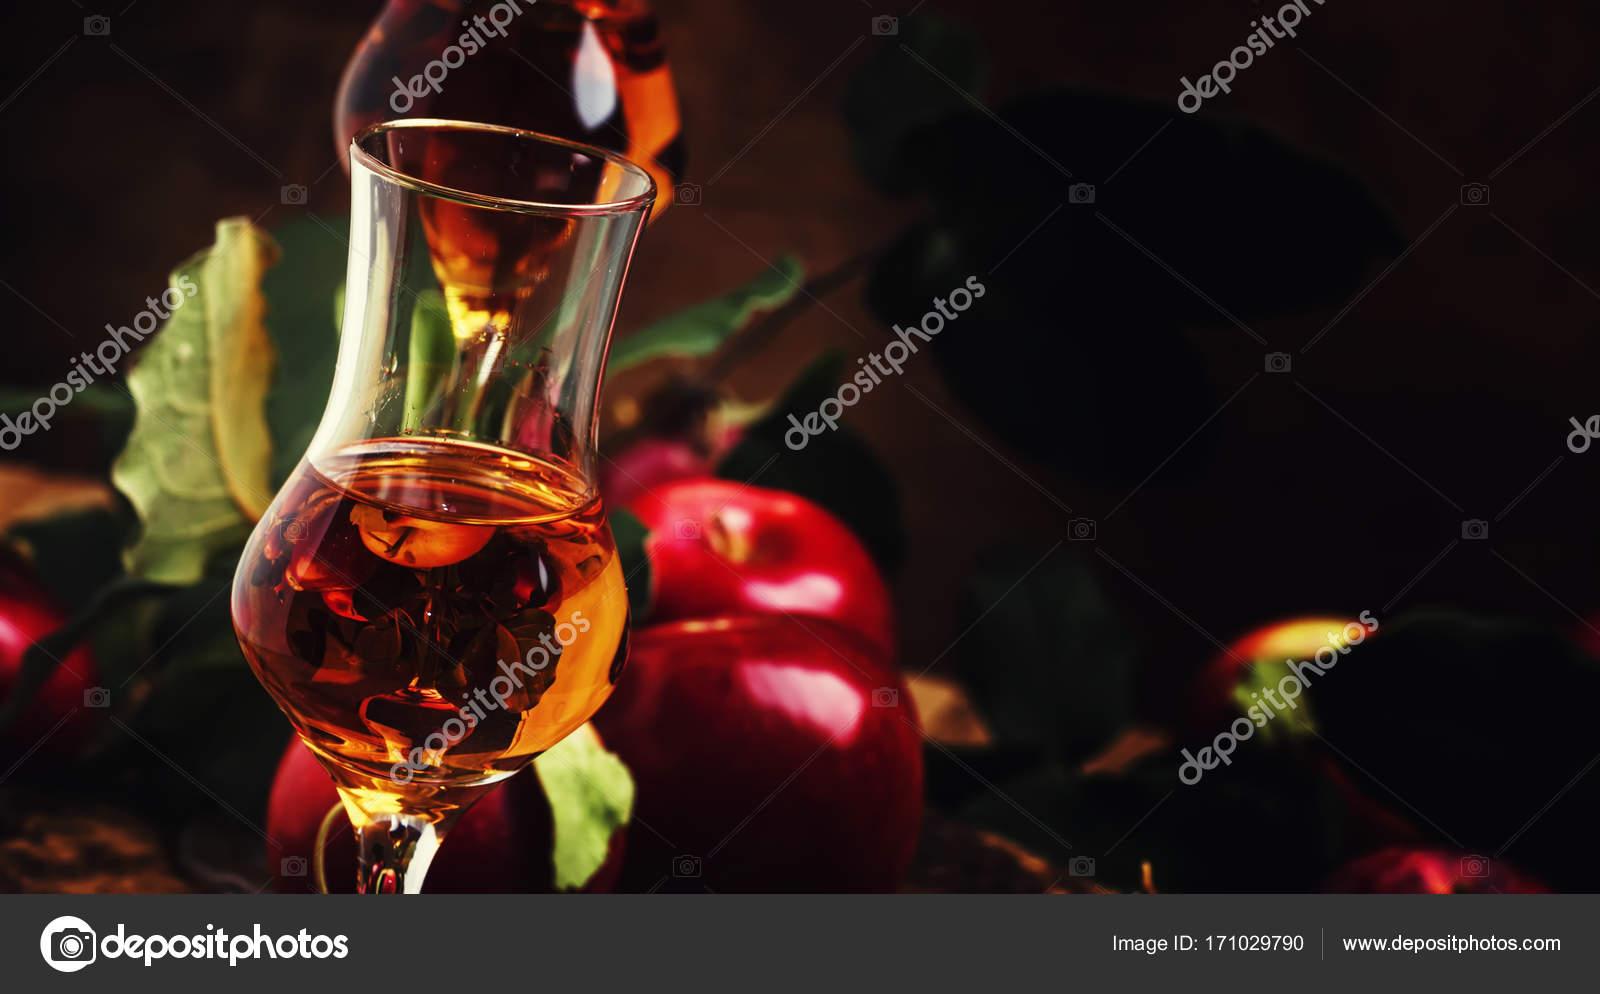 Französische goldene starkes alkoholisches Getränk aus Äpfeln ...